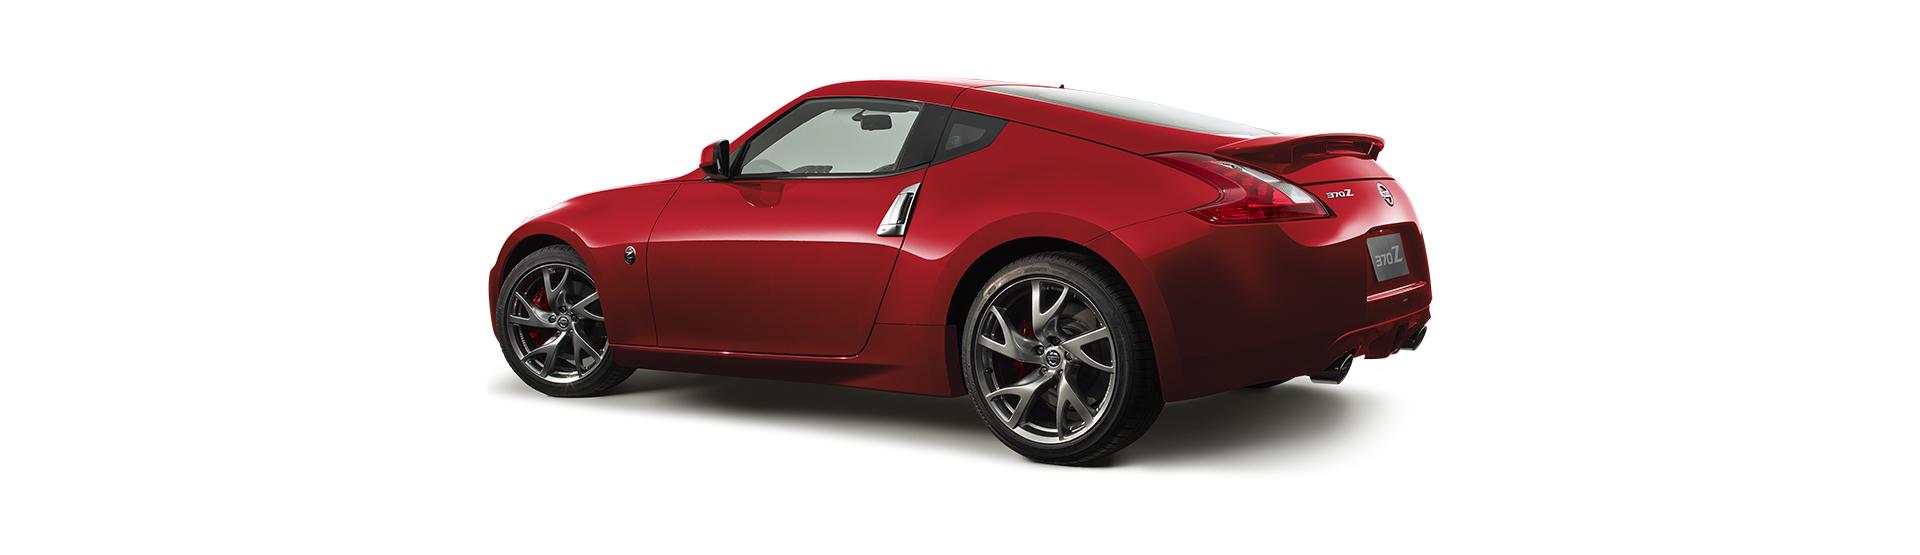 new nissan 370z coupe for sale in hobart dj nissan. Black Bedroom Furniture Sets. Home Design Ideas